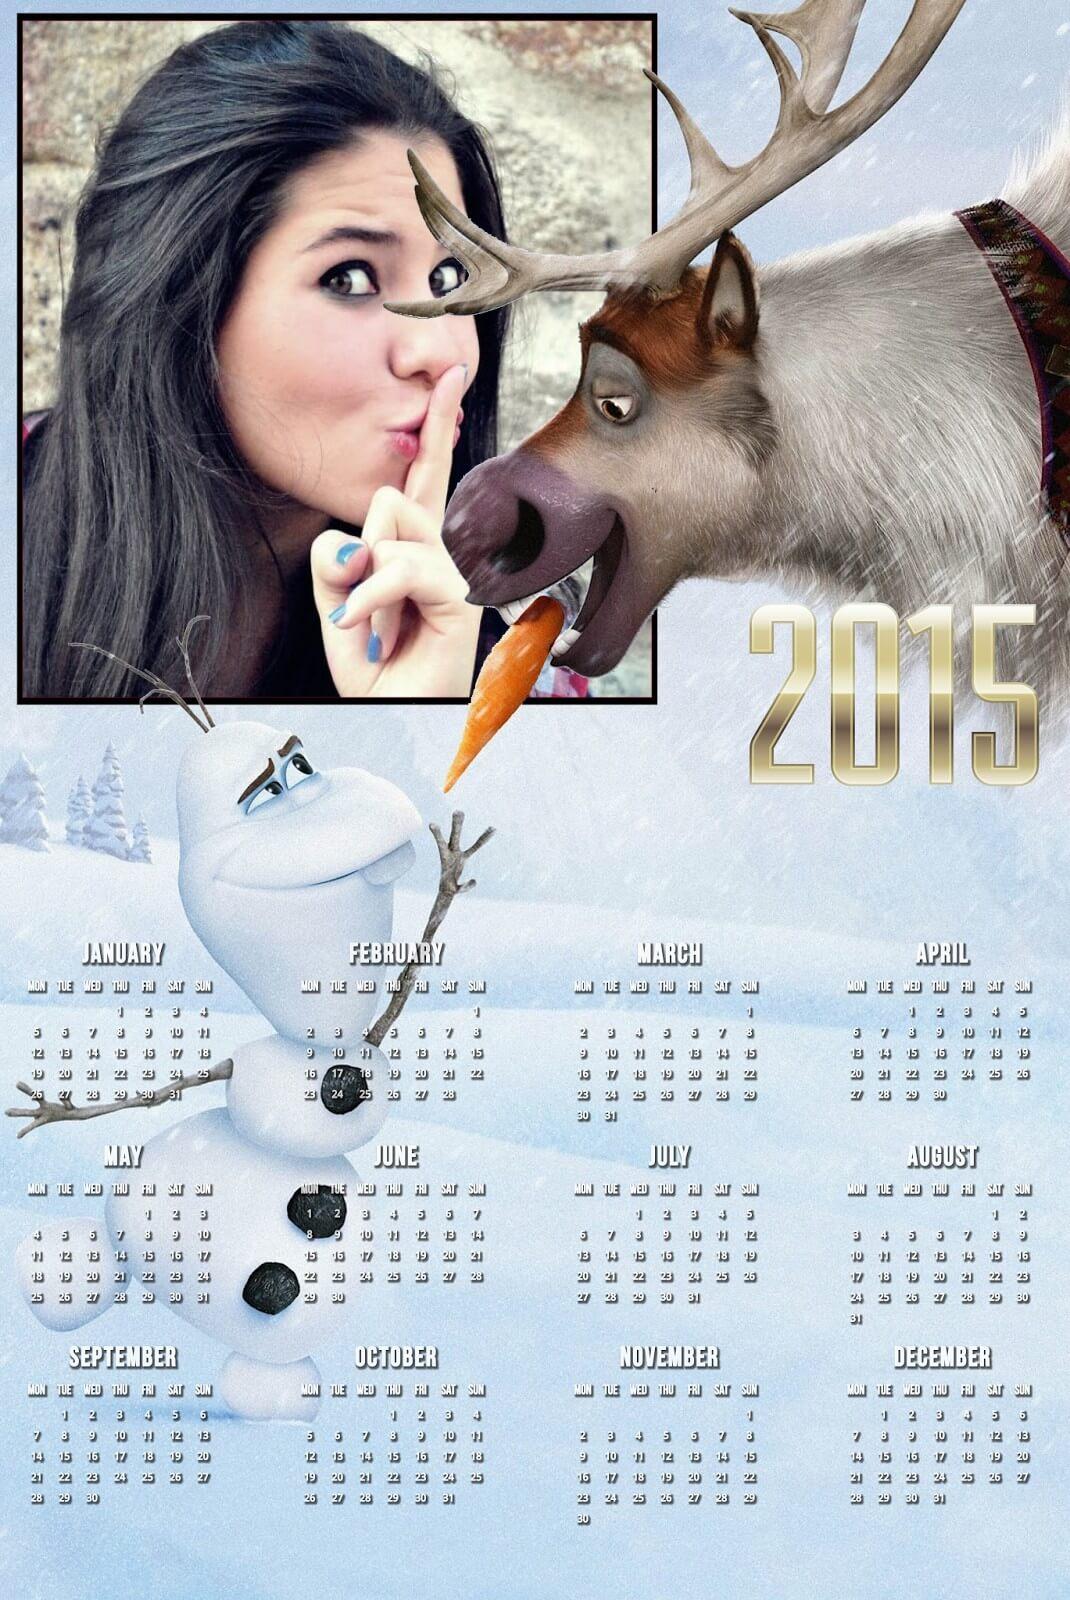 montagem-de-foto-em-calendario-frozen-2015